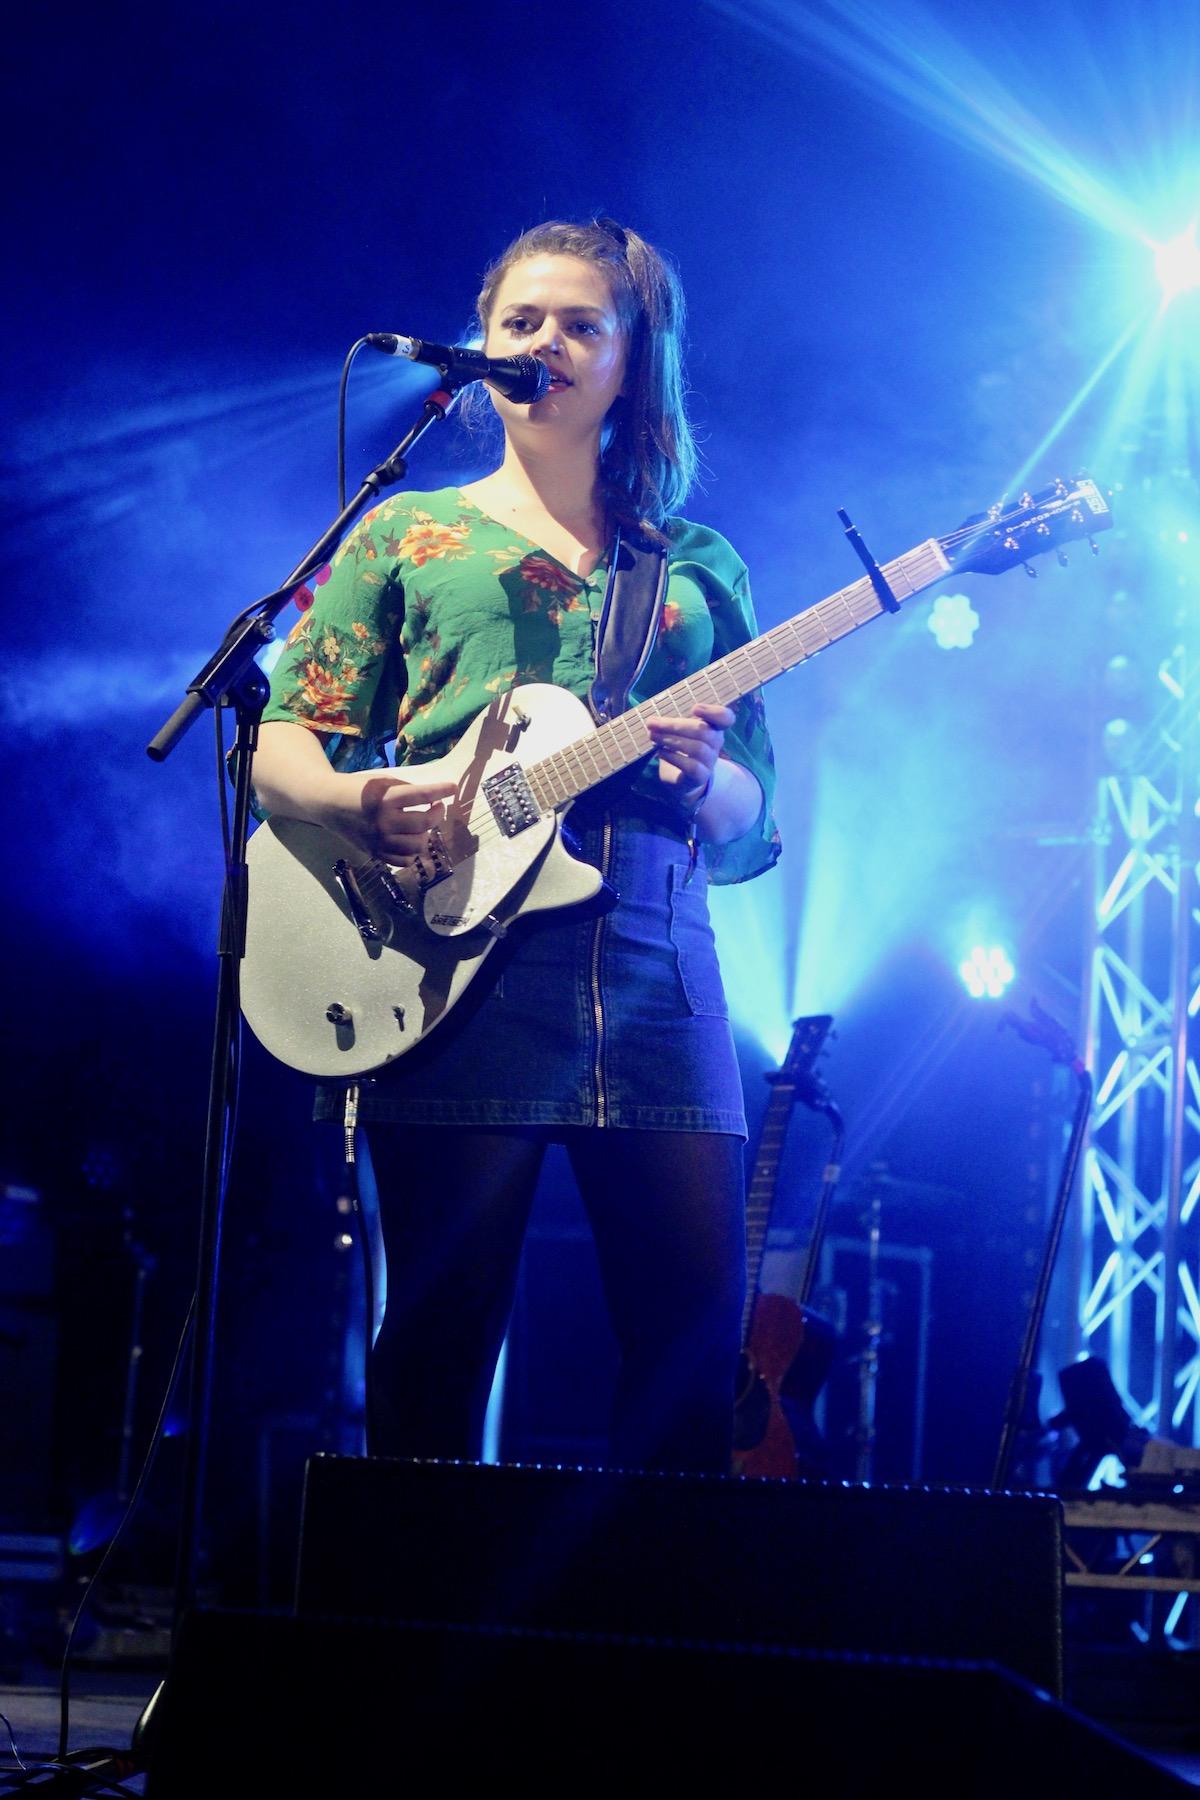 Siobhan Wilson at Belladrum 2018  2801 - Siobhan Wilson Belladrum 2018 - IMAGES